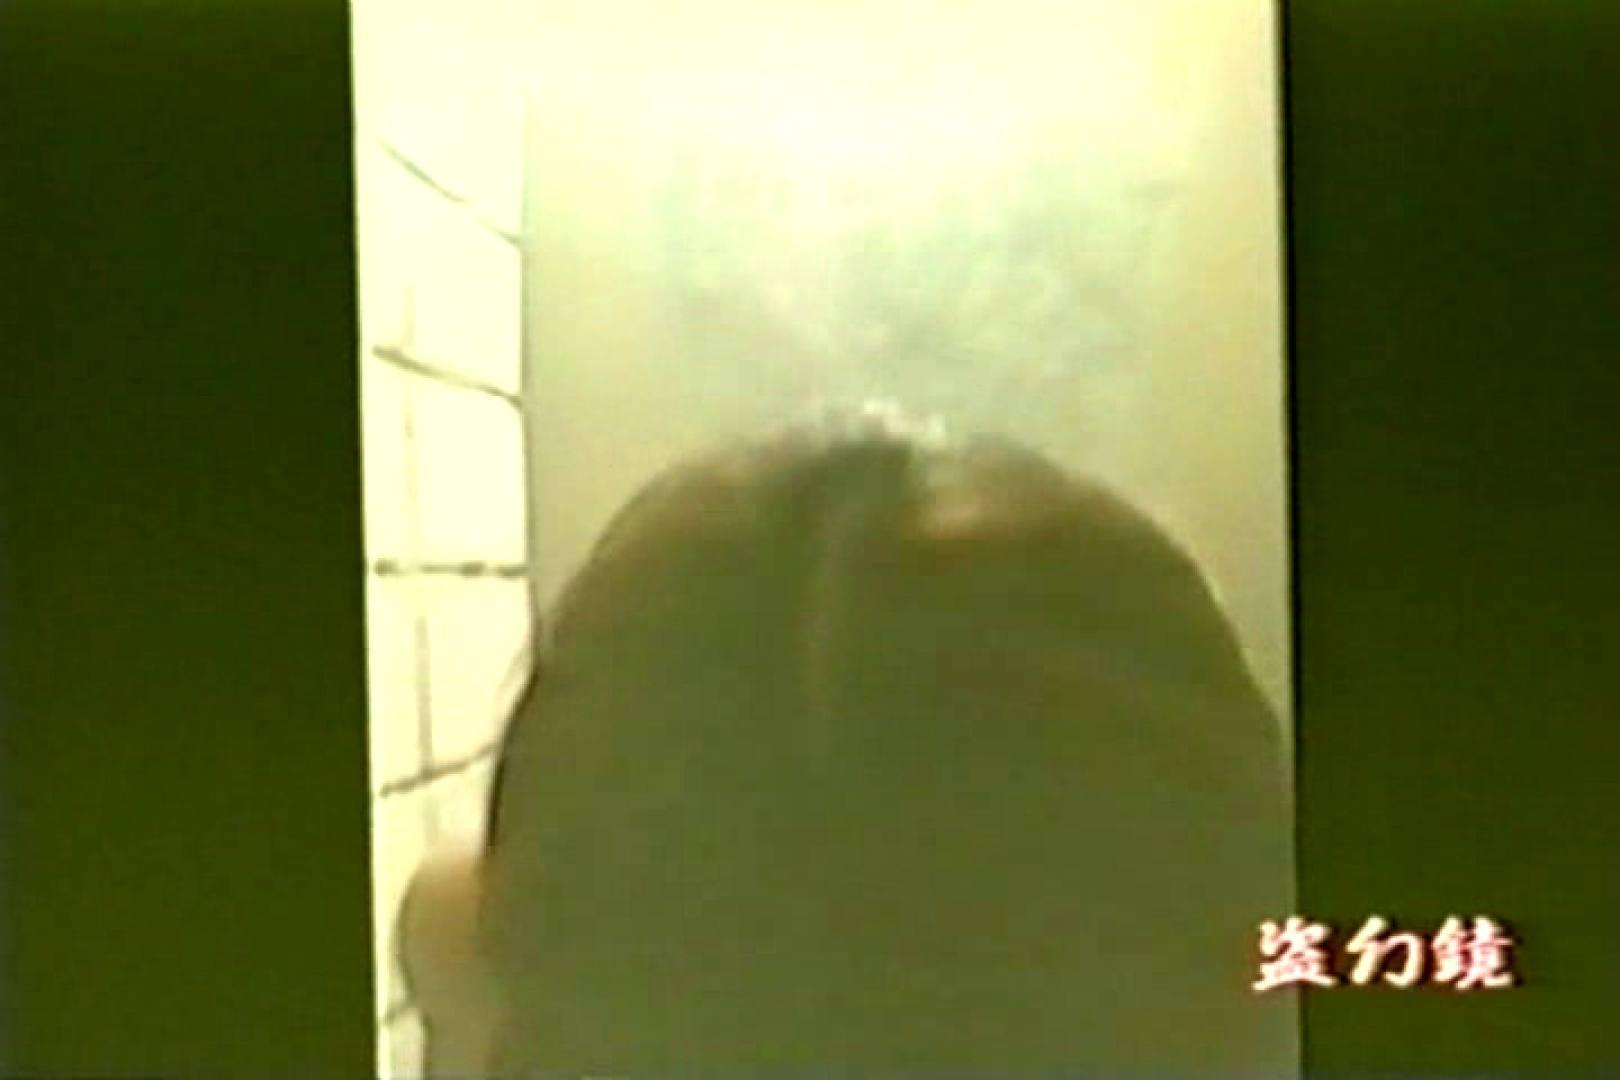 水着ギャル和式女子 MT-4 和式 のぞき動画画像 109PIX 63